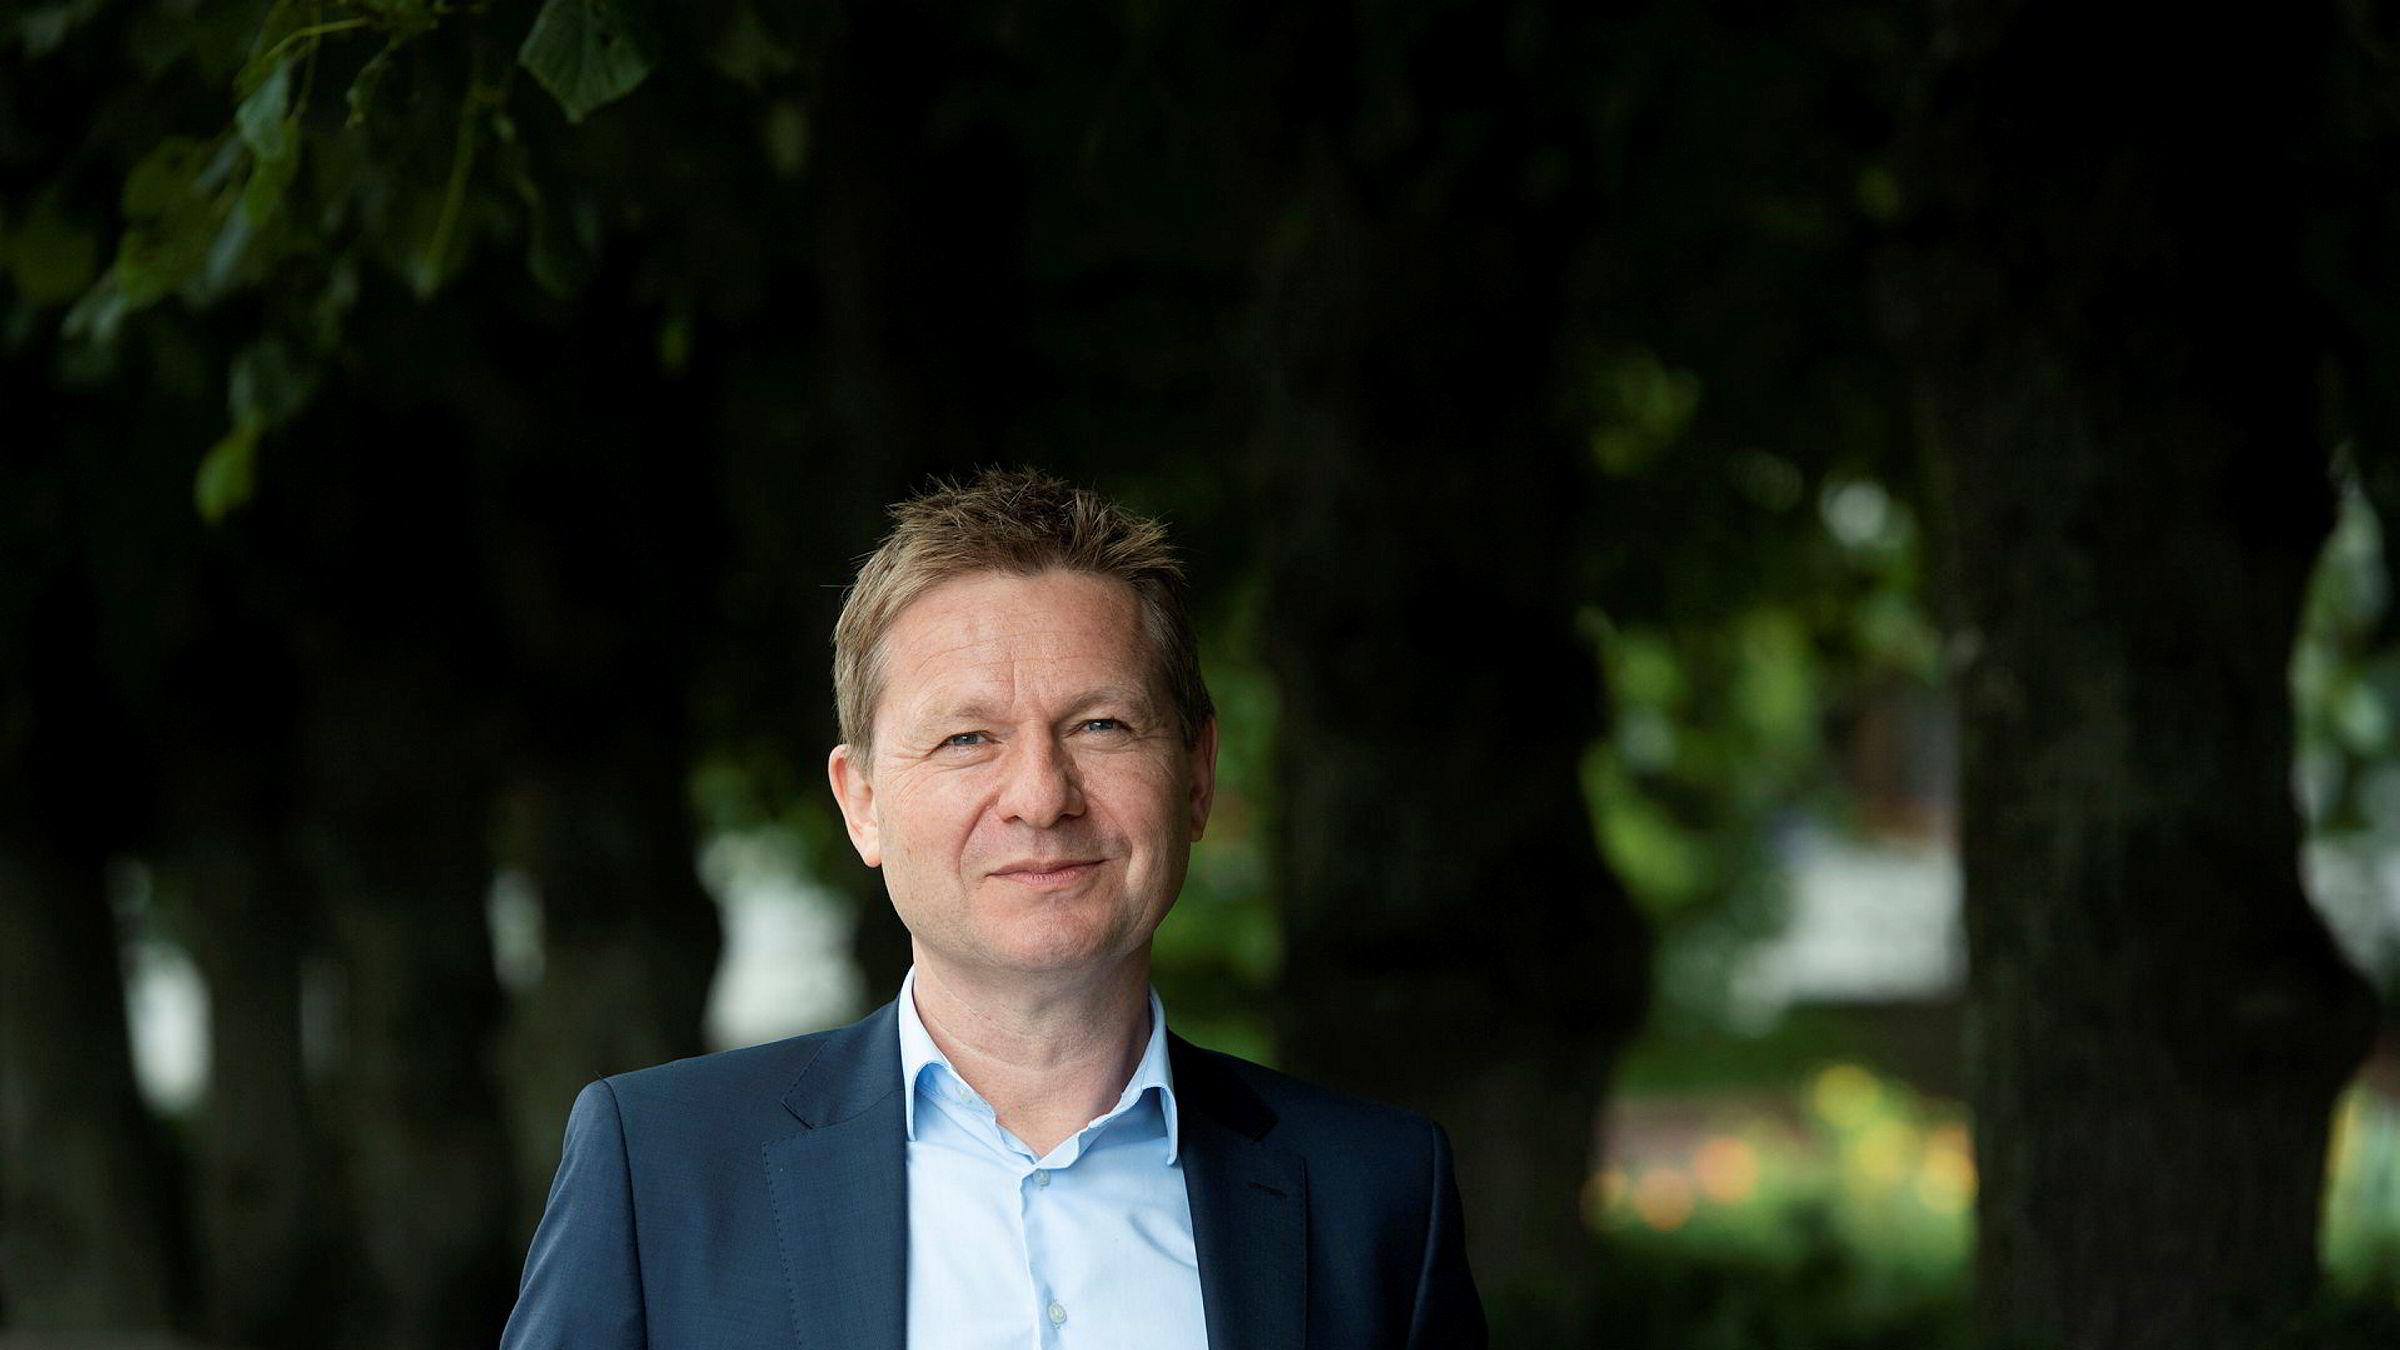 Kredittanalysesjef  Pål  Ringholm:  –  Jeg  tror  mest  på  at  det  kommer  en  kraftfull  nedgang  til